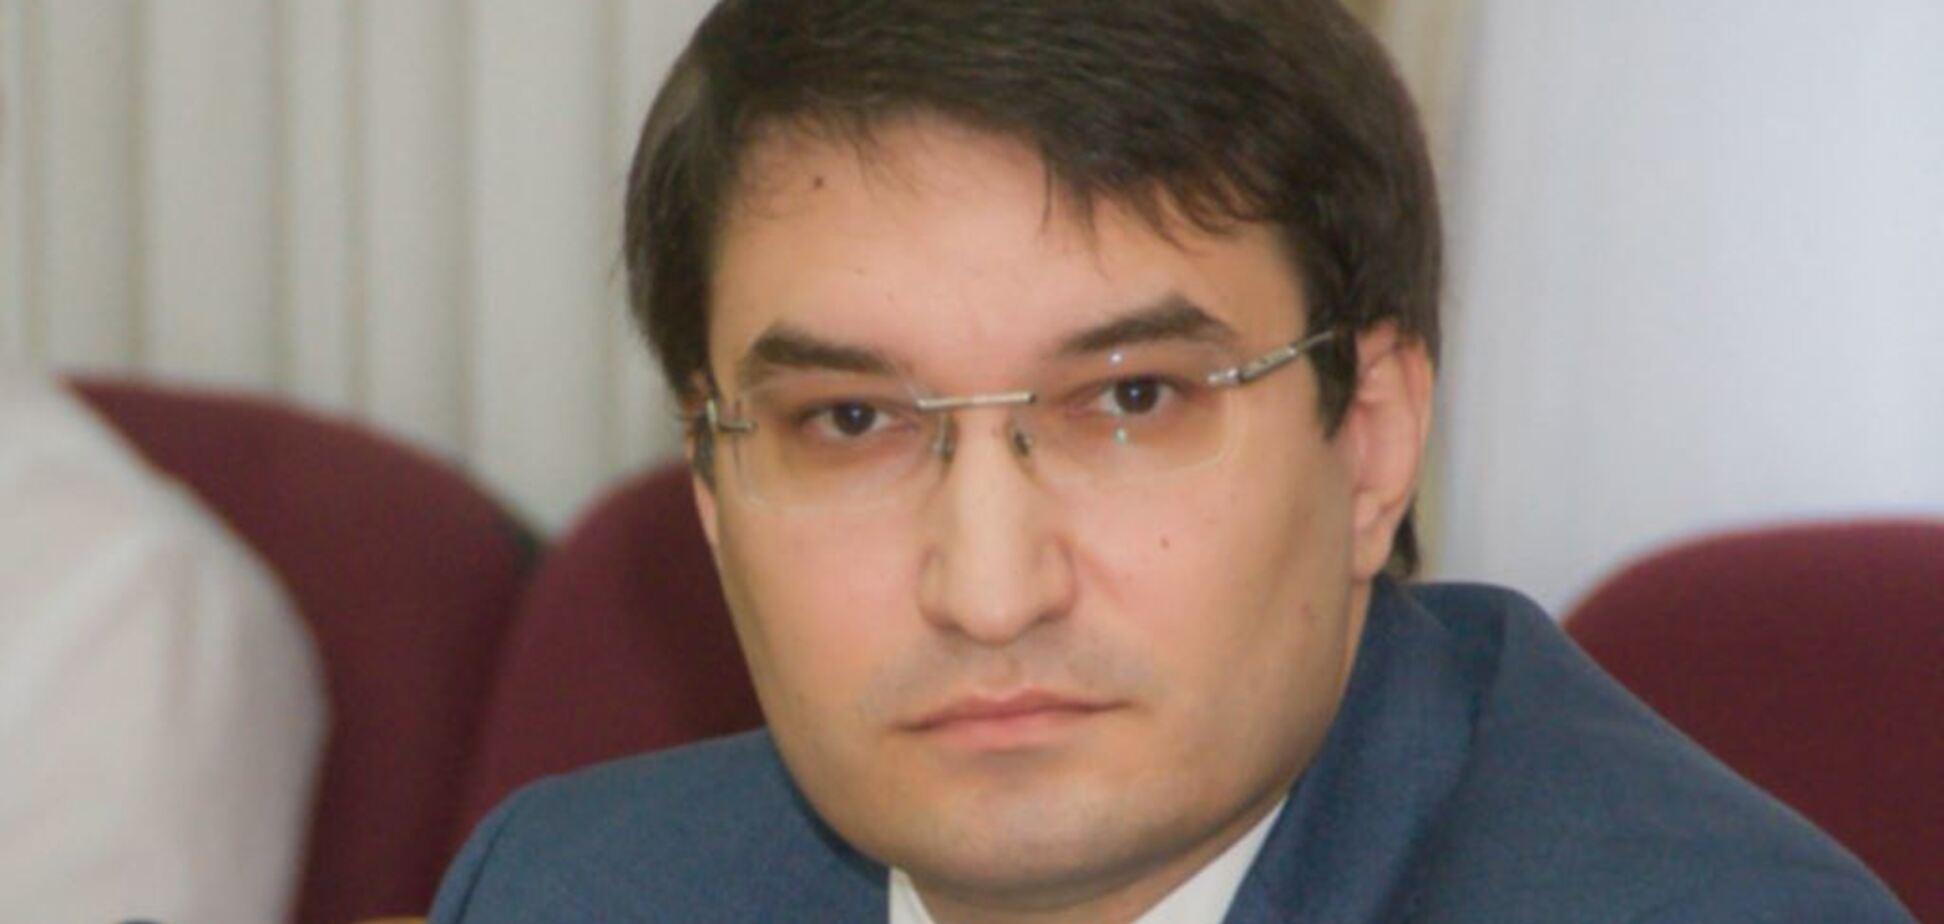 Из ''патриотов'' в предатели: украинский чиновник ''всплыл'' в Крыму